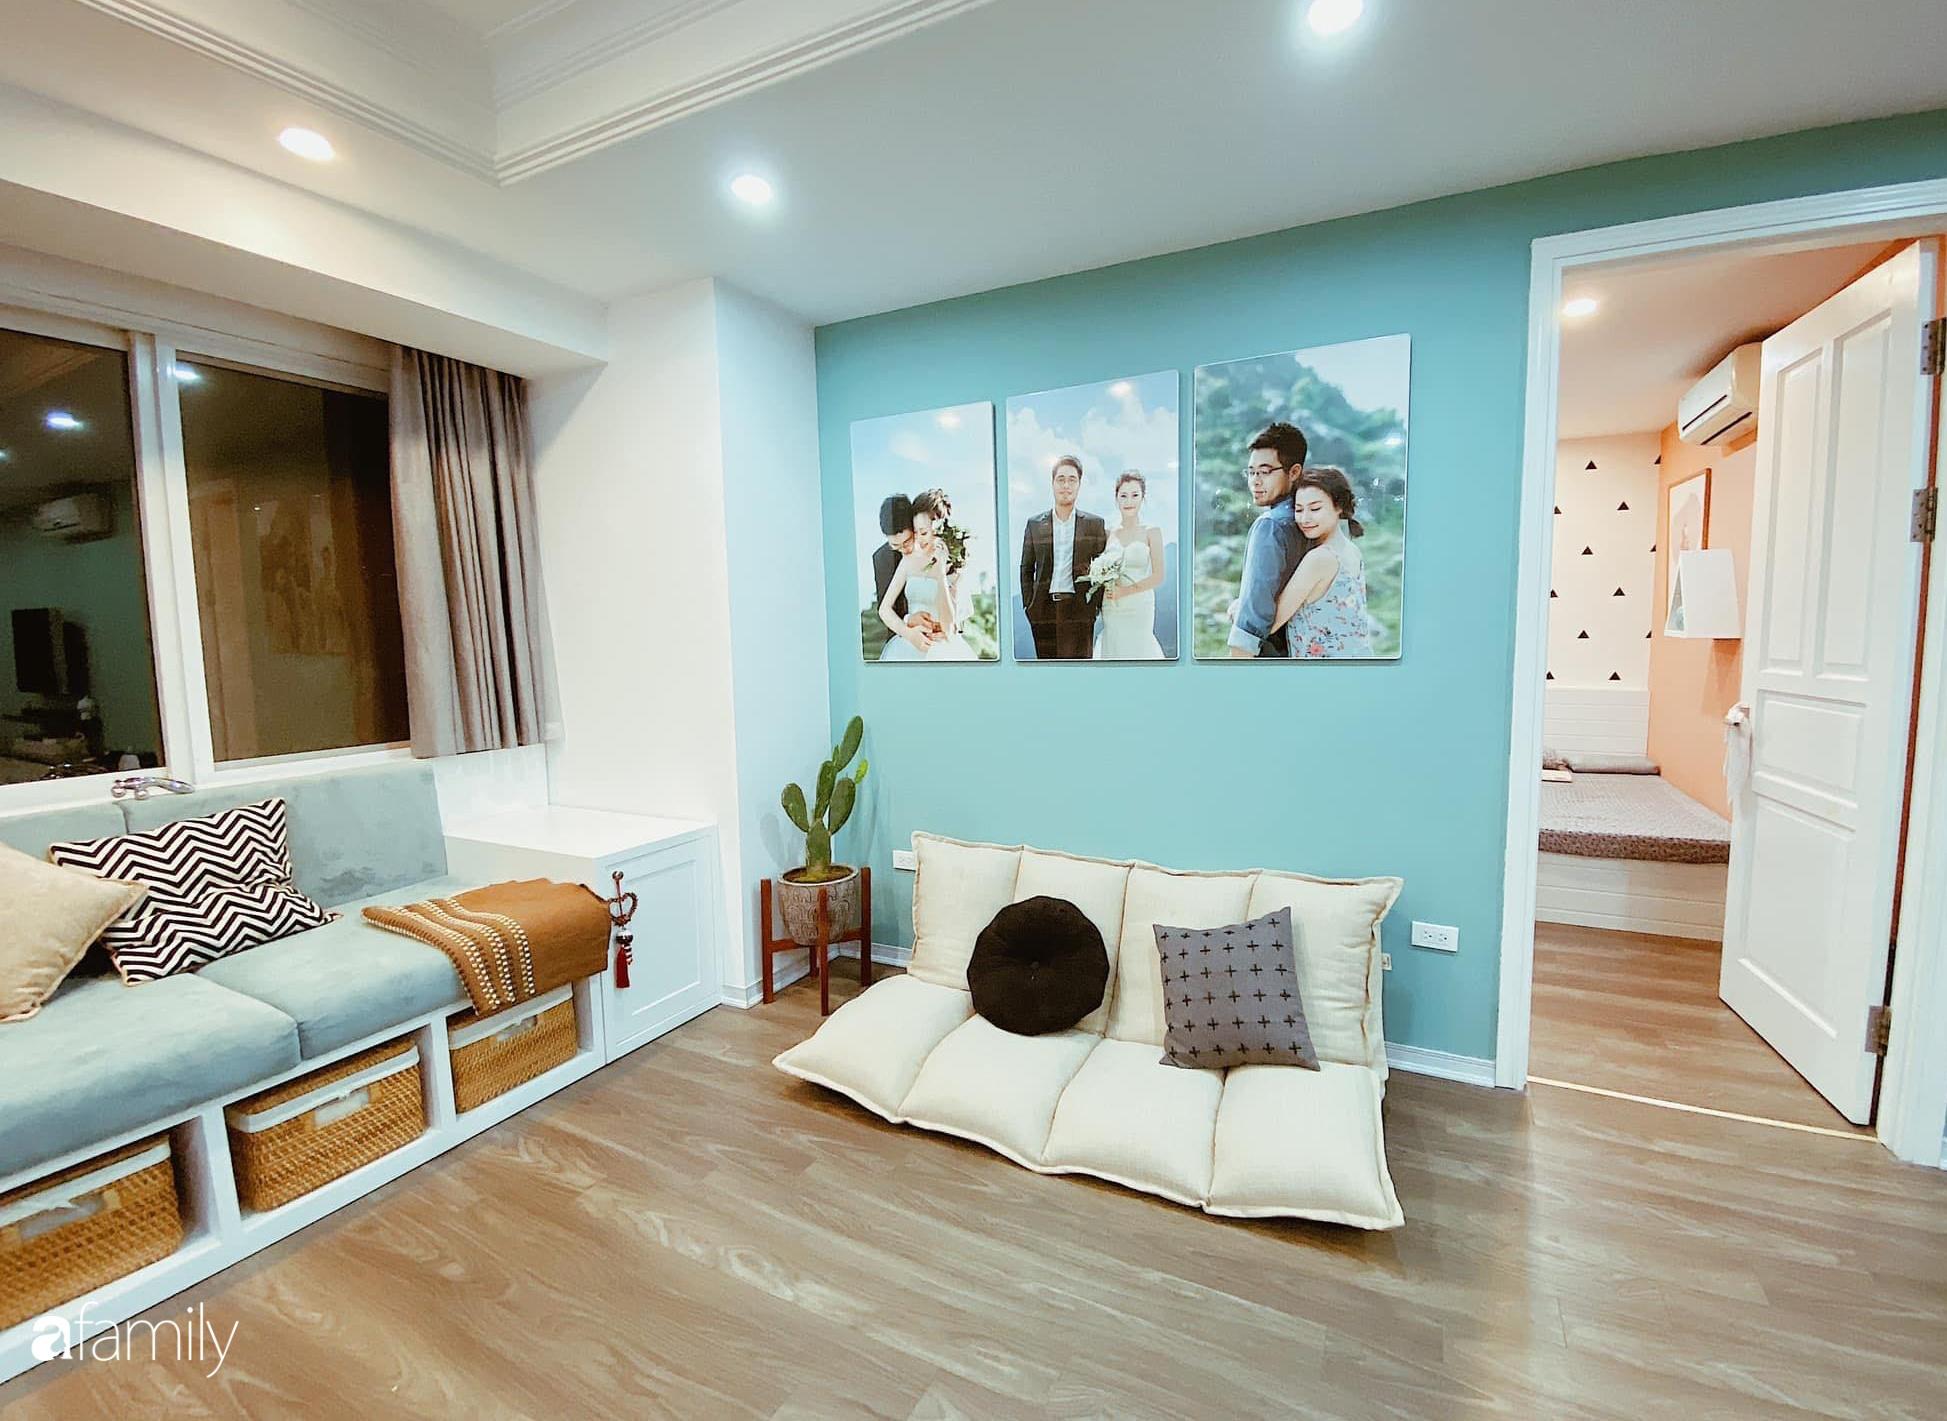 Căn hộ 145m² được décor ấn tượng với điểm nhấn màu xanh ngọc cùng tranh treo tường từ người phụ nữ yêu gia đình ở Hà Nội - Ảnh 8.